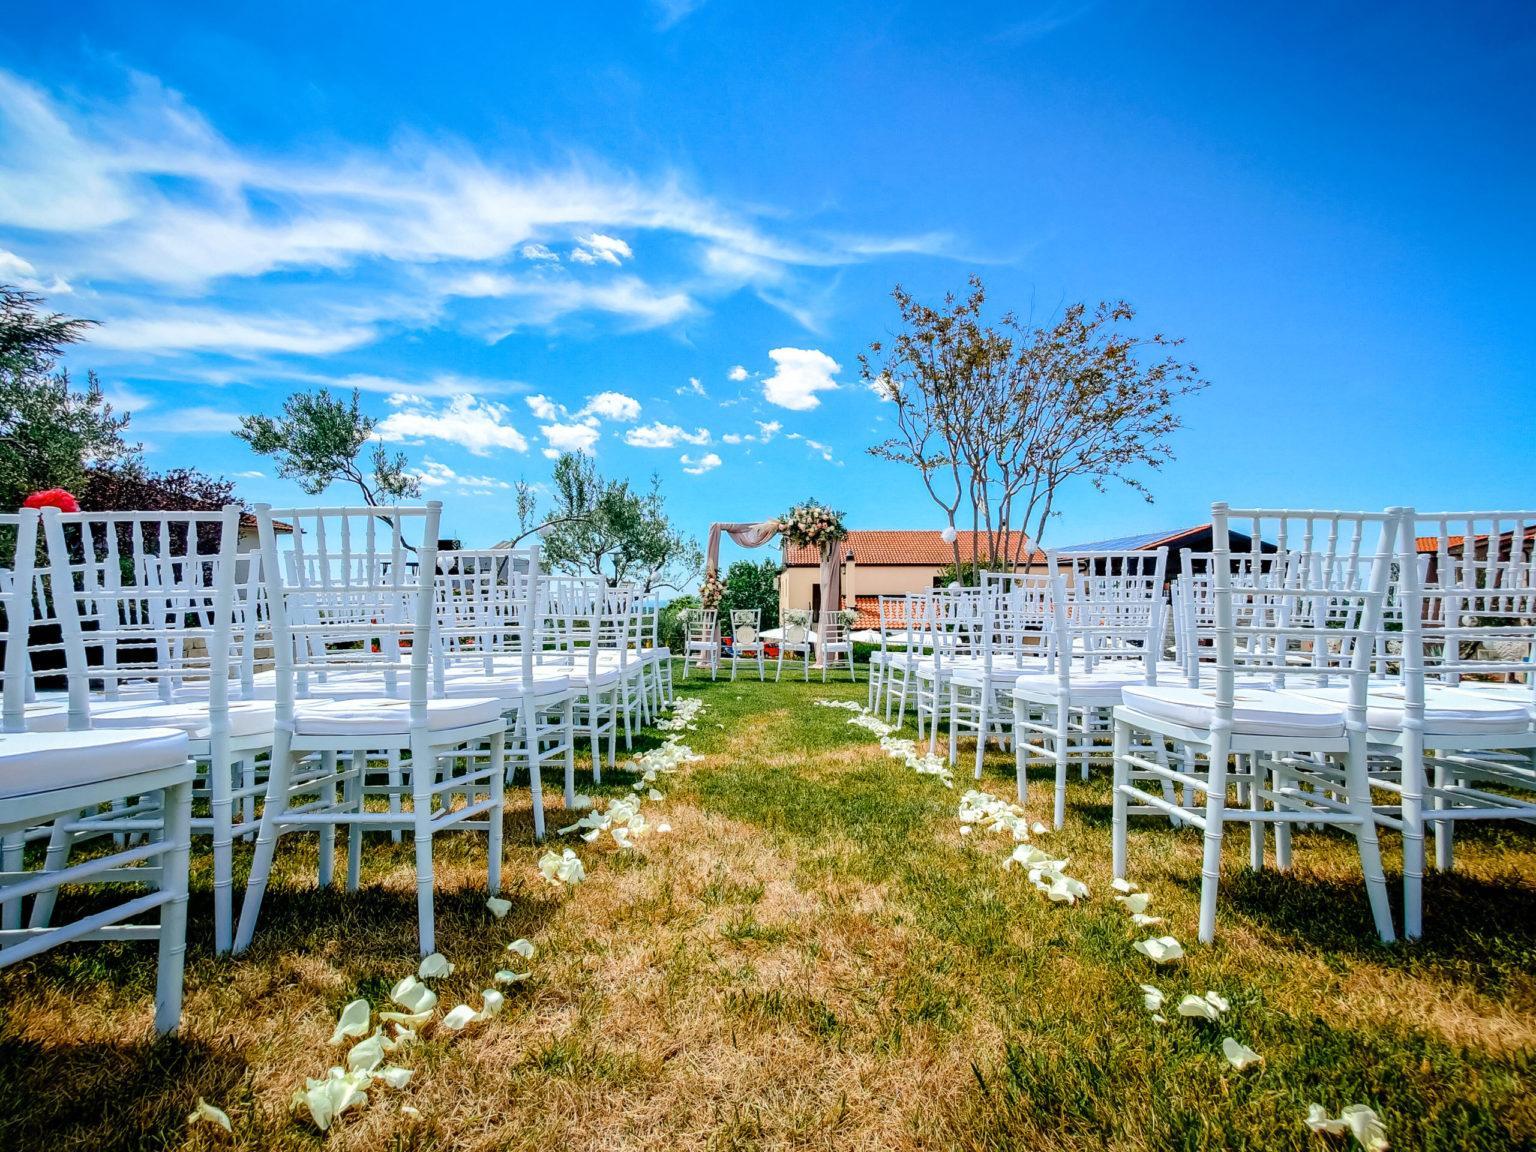 hochzeitslocation Kroatien location hochzeit heiraten 19 1 scaled - Hotel der Jahreszeiten